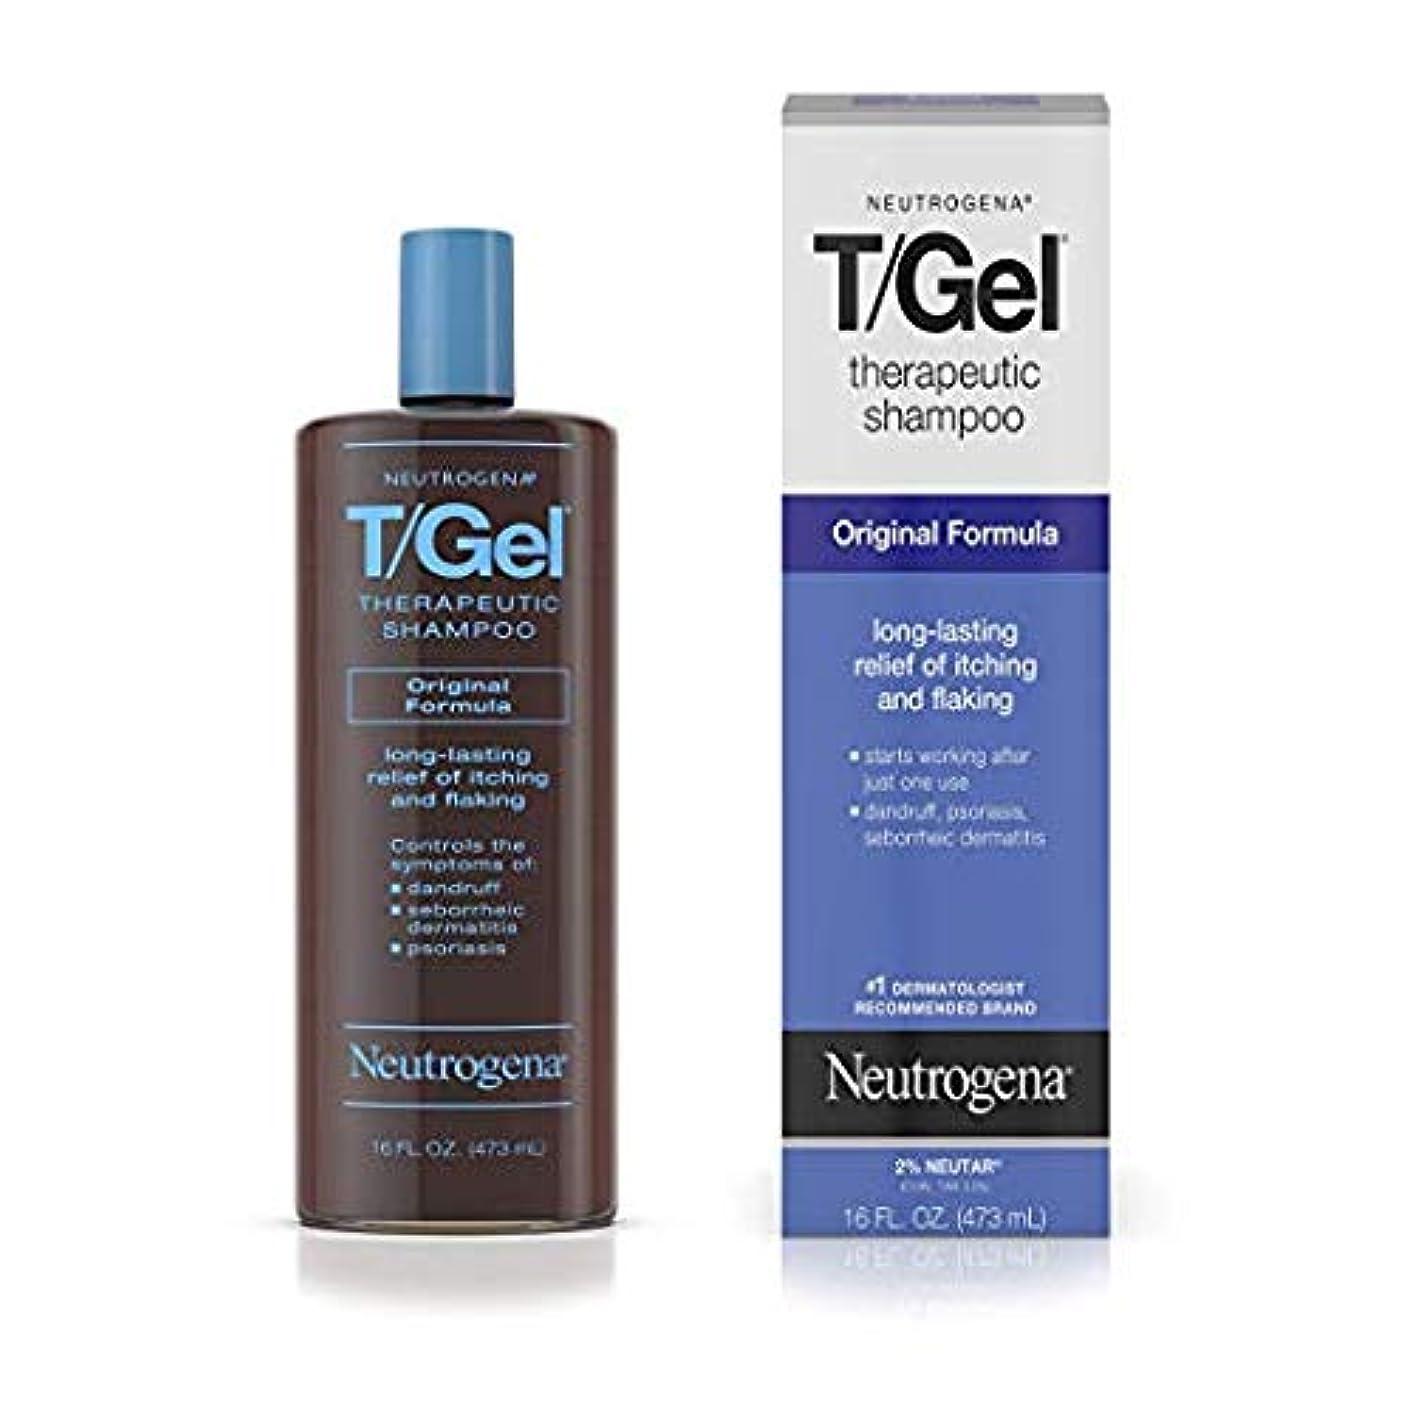 詩人回転別れるNeutrogena T/Gel Therapeutic Shampoo Original Formula [並行輸入品]